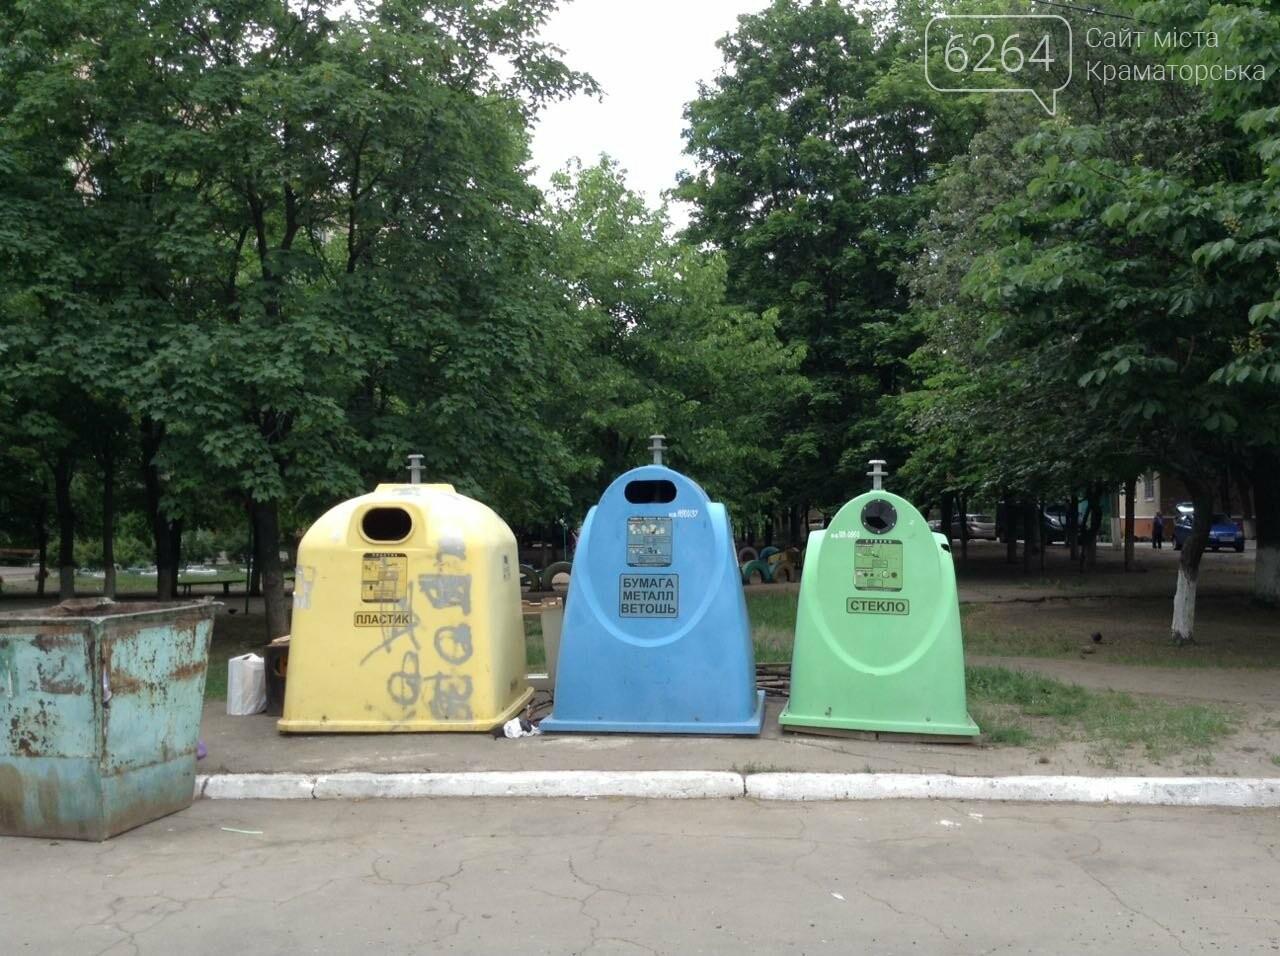 В Краматорске обновляют контейнеры для твердых бытовых отходов, фото-1